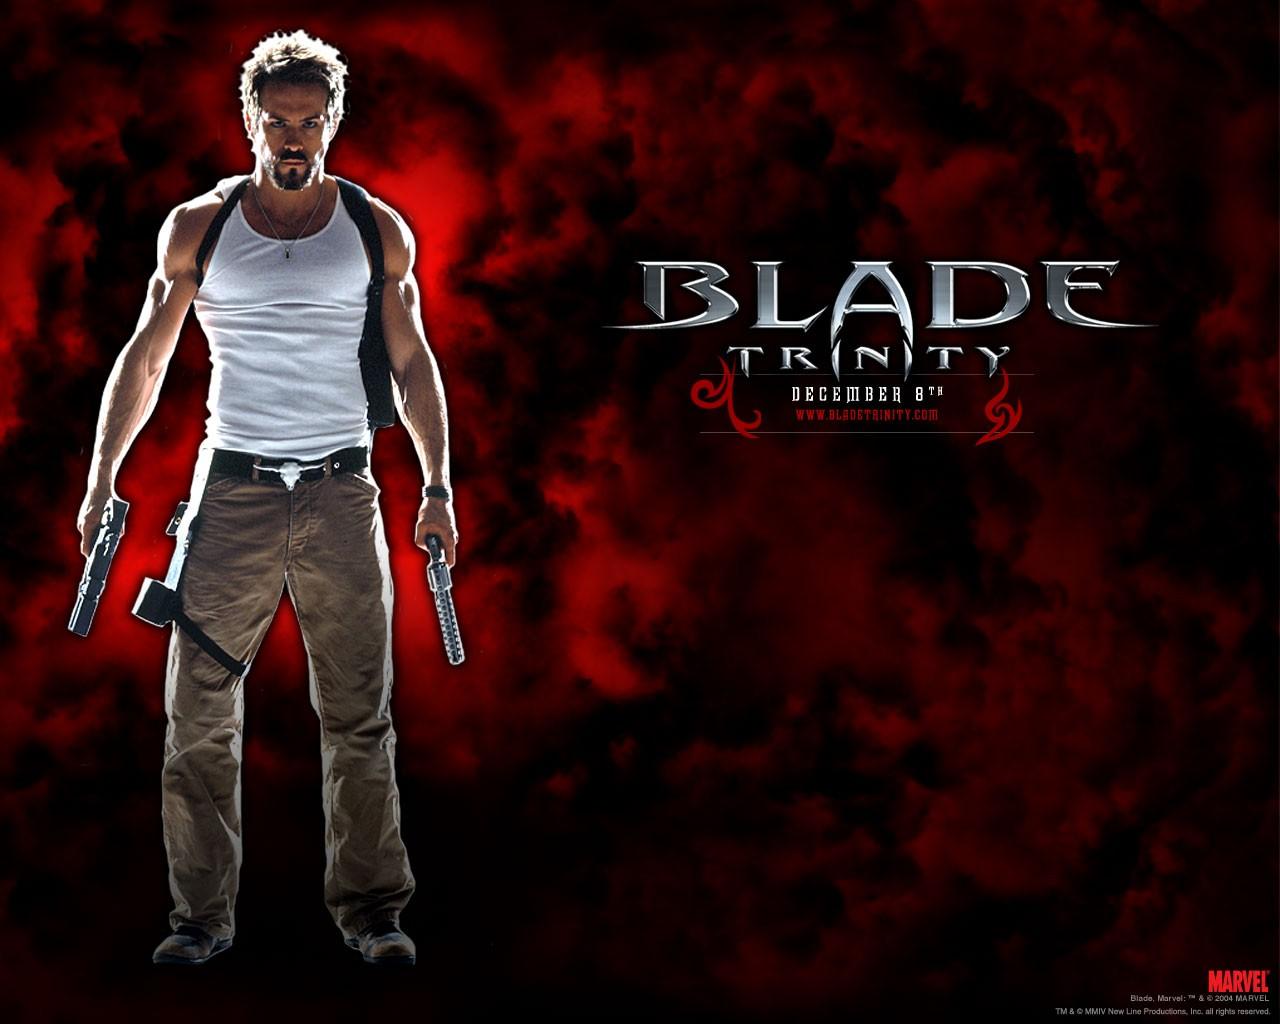 Un wallpaper di Hannibal King(Ryan Reynolds) per il film 'Blade: Trinity'